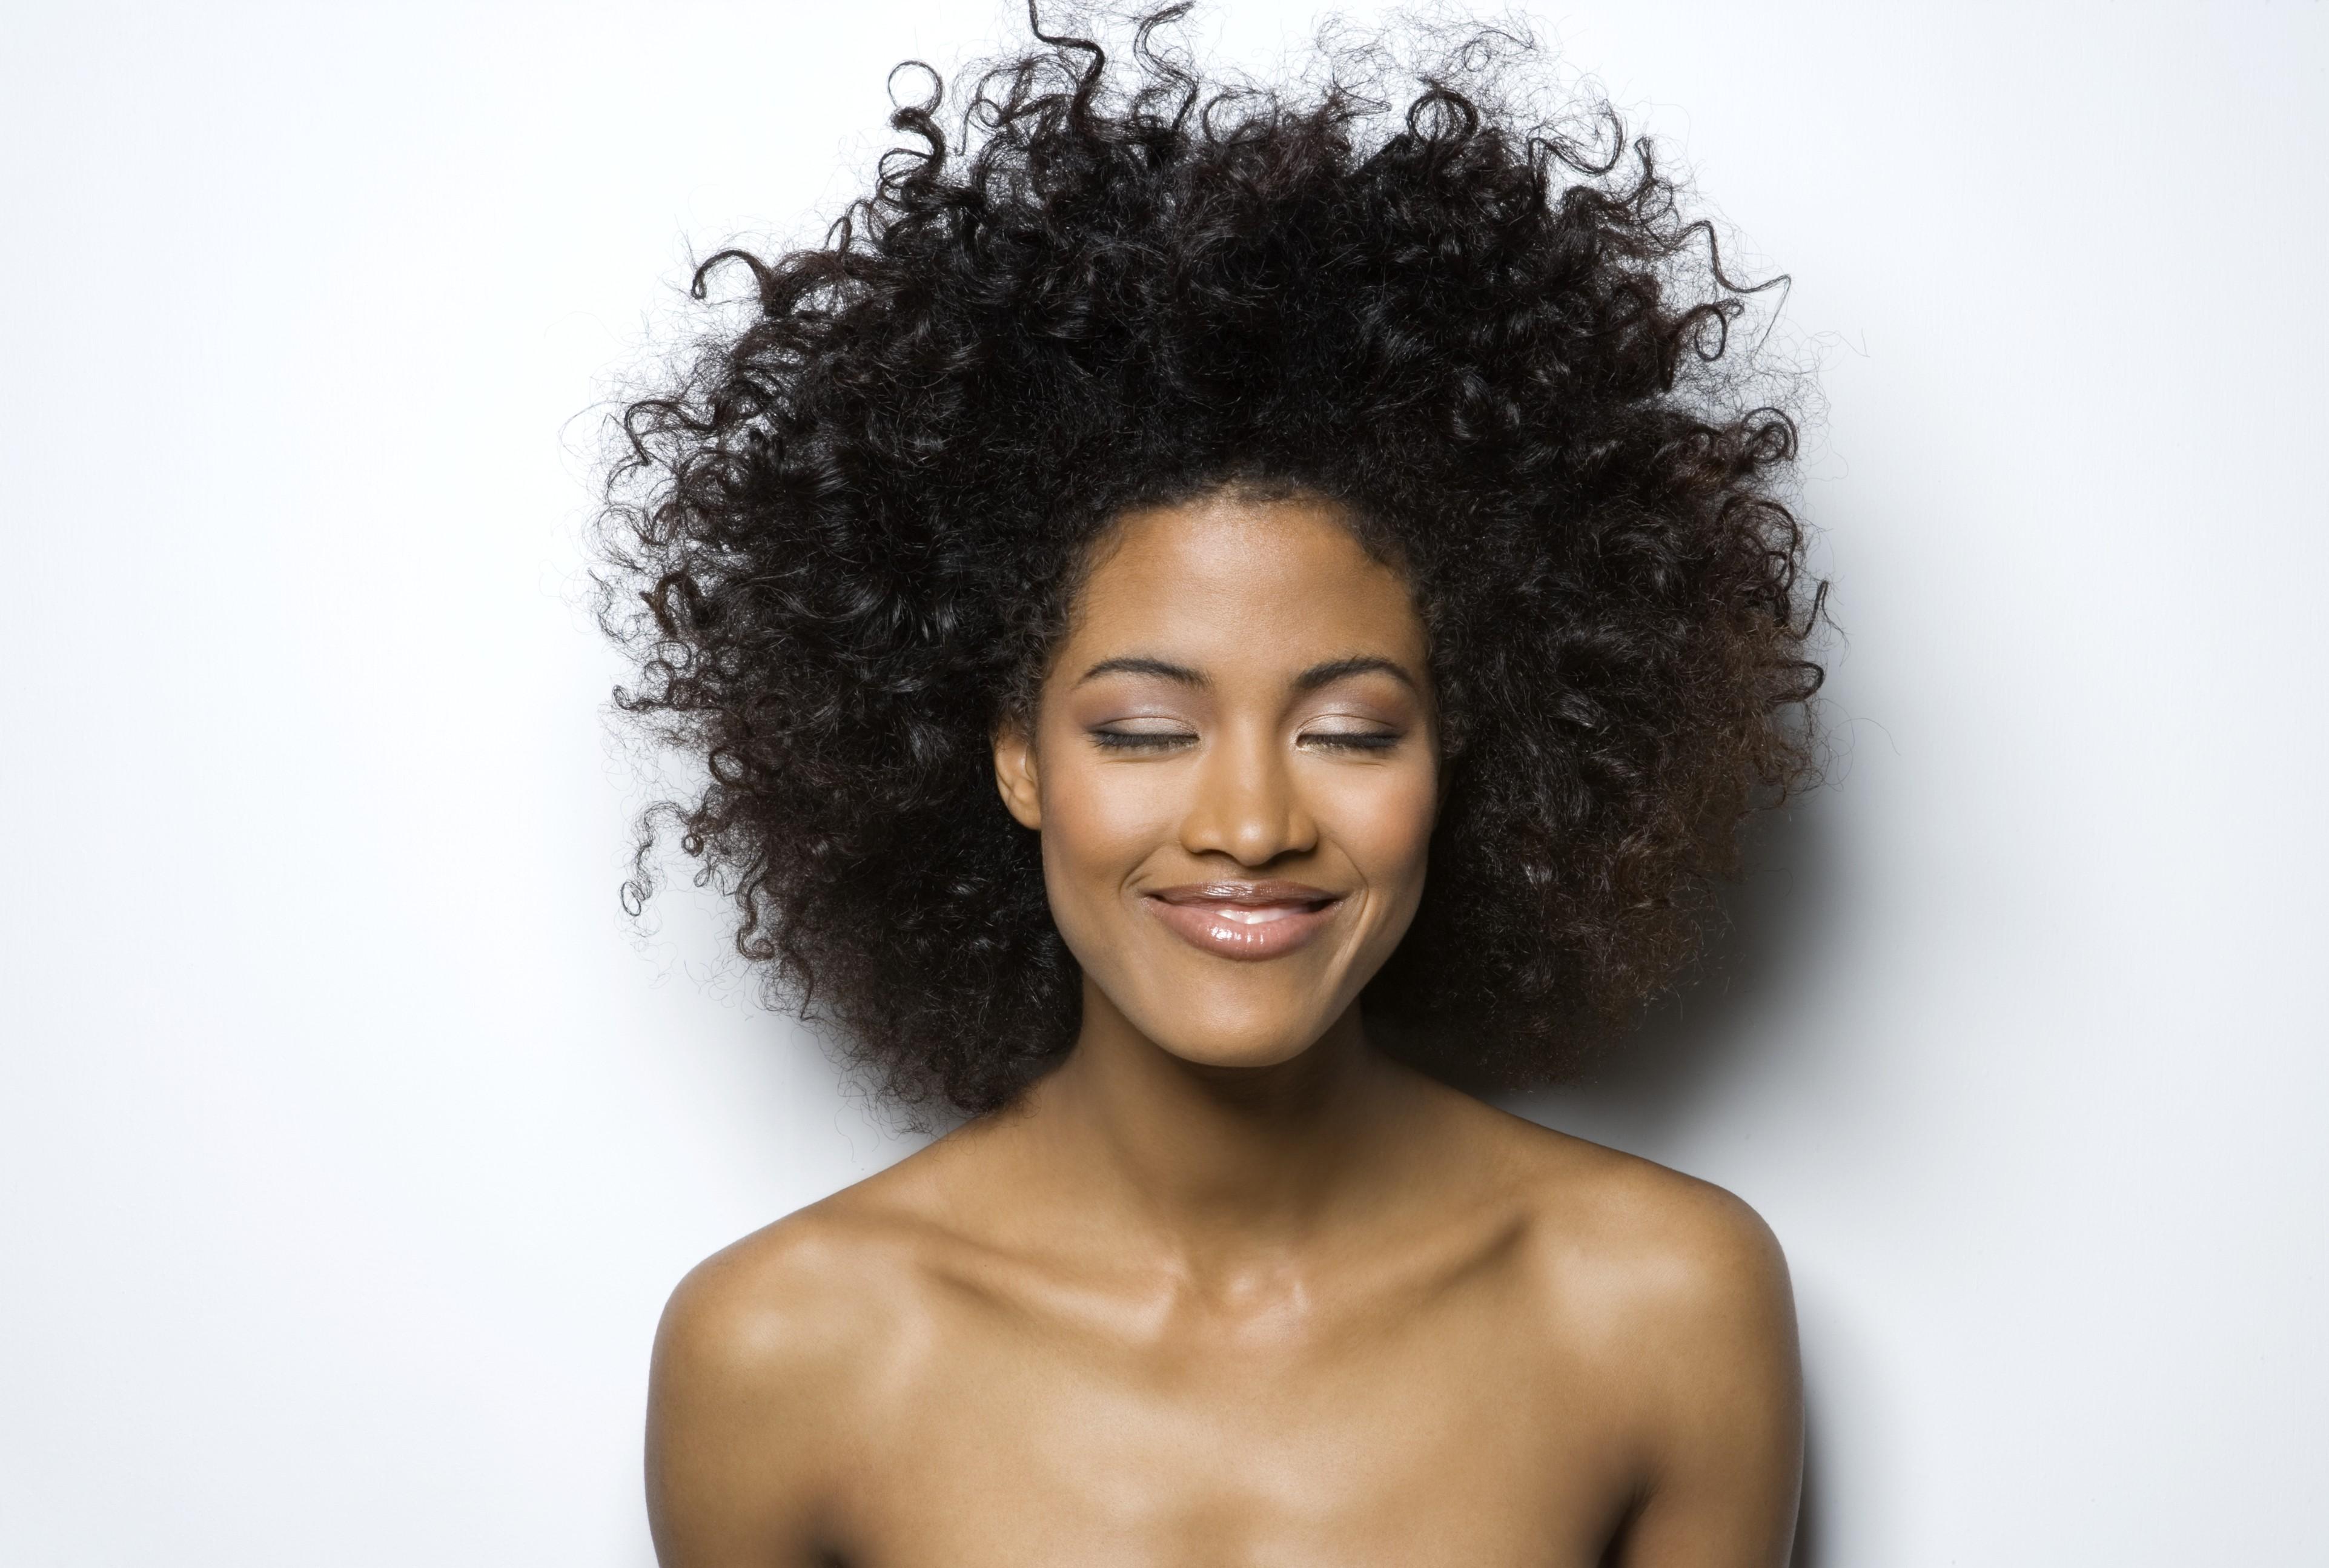 Algumas mudanças de hábito podem deixar sua pele linda, sem maquiagem  (Foto: Thinkstock)